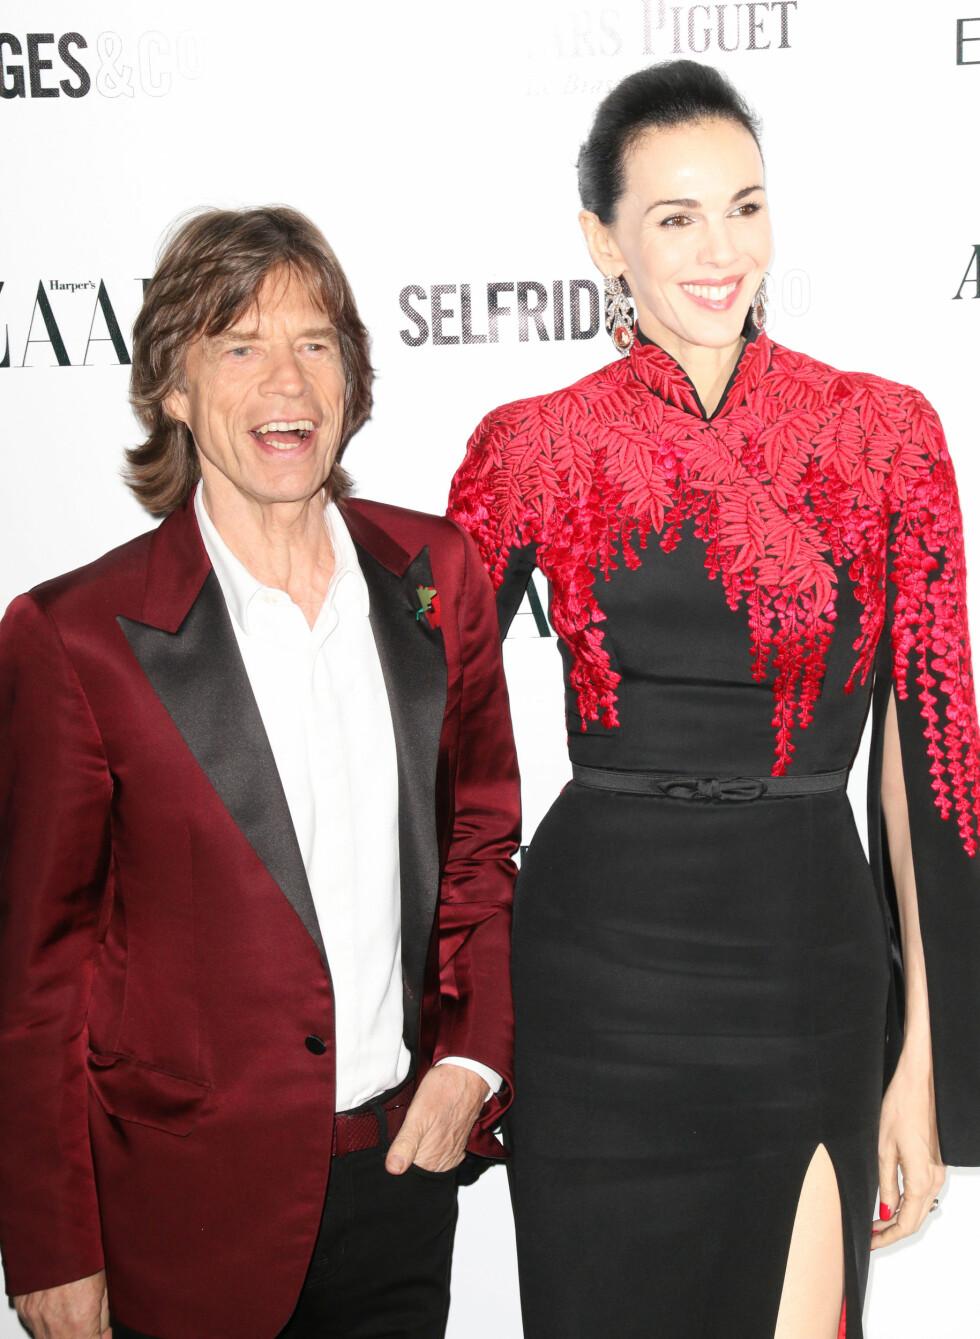 BEGIKK SELVMORD: Mick Jagger var i Australia da han mottok dødsbudskapet. Han og L´Wren Scott hadde da vært sammen i 13 år. Her er paret avbildet på Harper´s Bazaar Women of the Year Awards i november 2013. Foto: Zuma Press